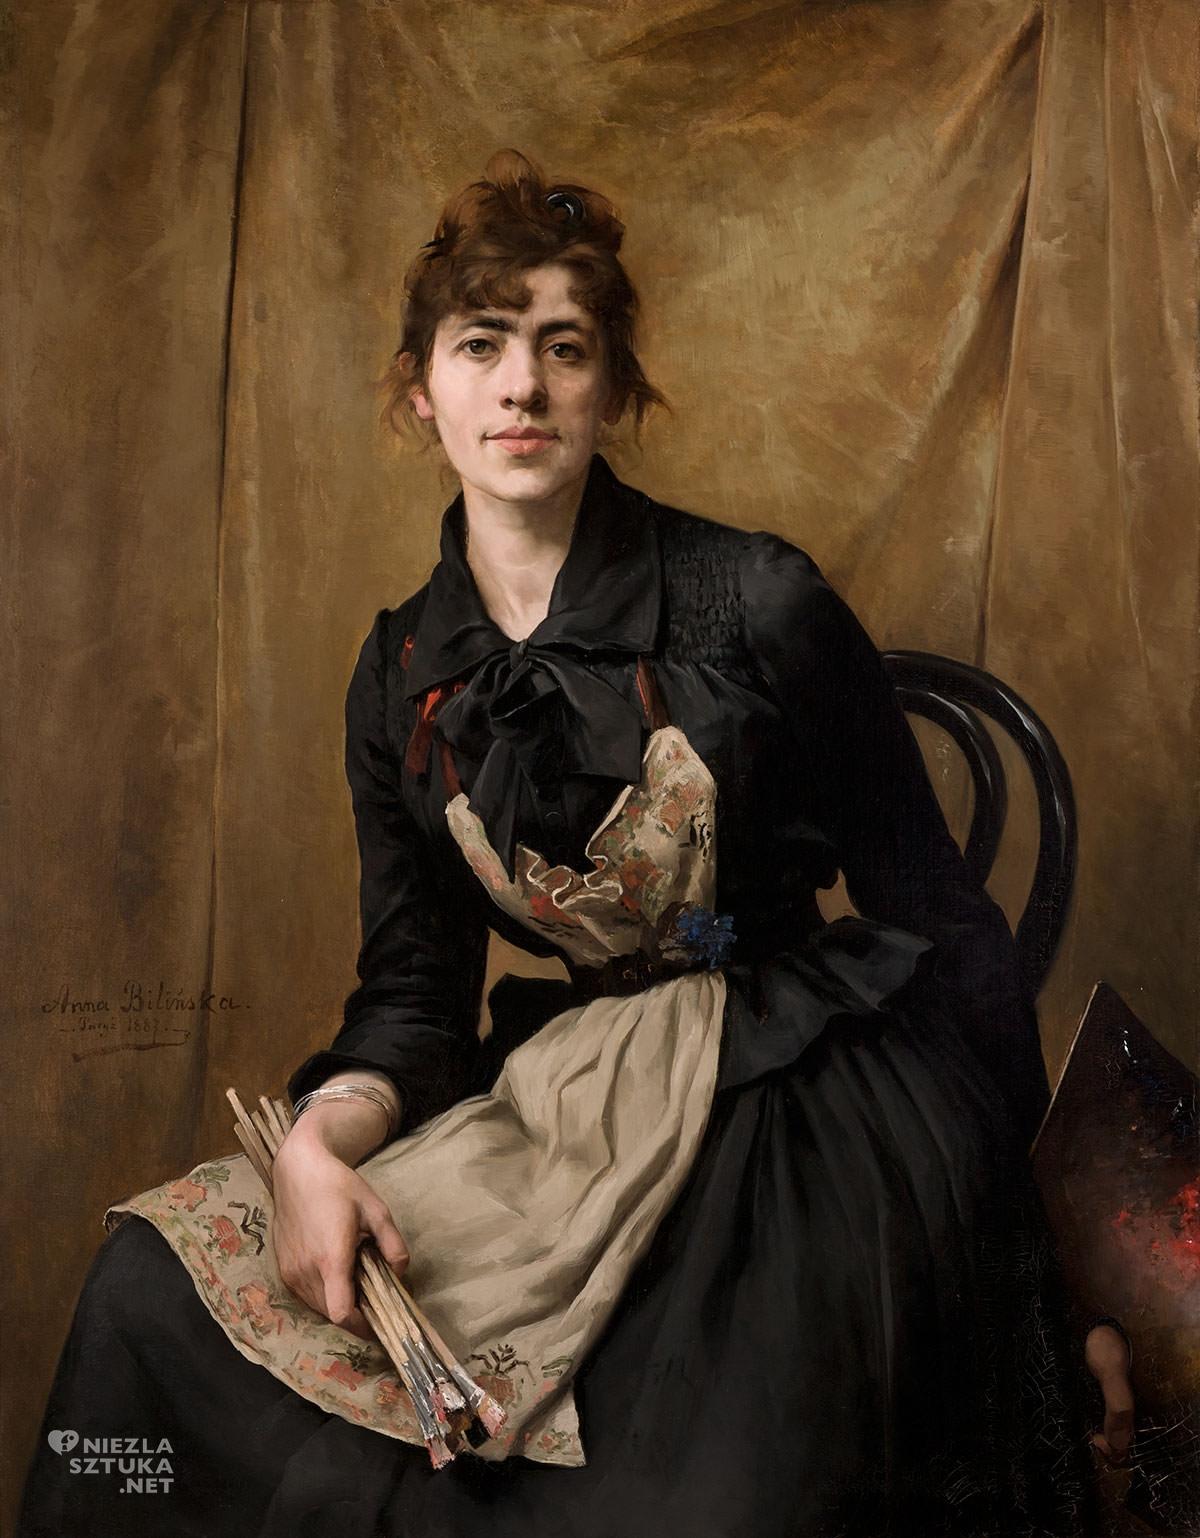 Anna Bilińska, Anna Bilińska-Bohdanowicz, Autoportret, Autoportret z paletą, Muzeum Narodowe w Krakowie, Niezła sztuka